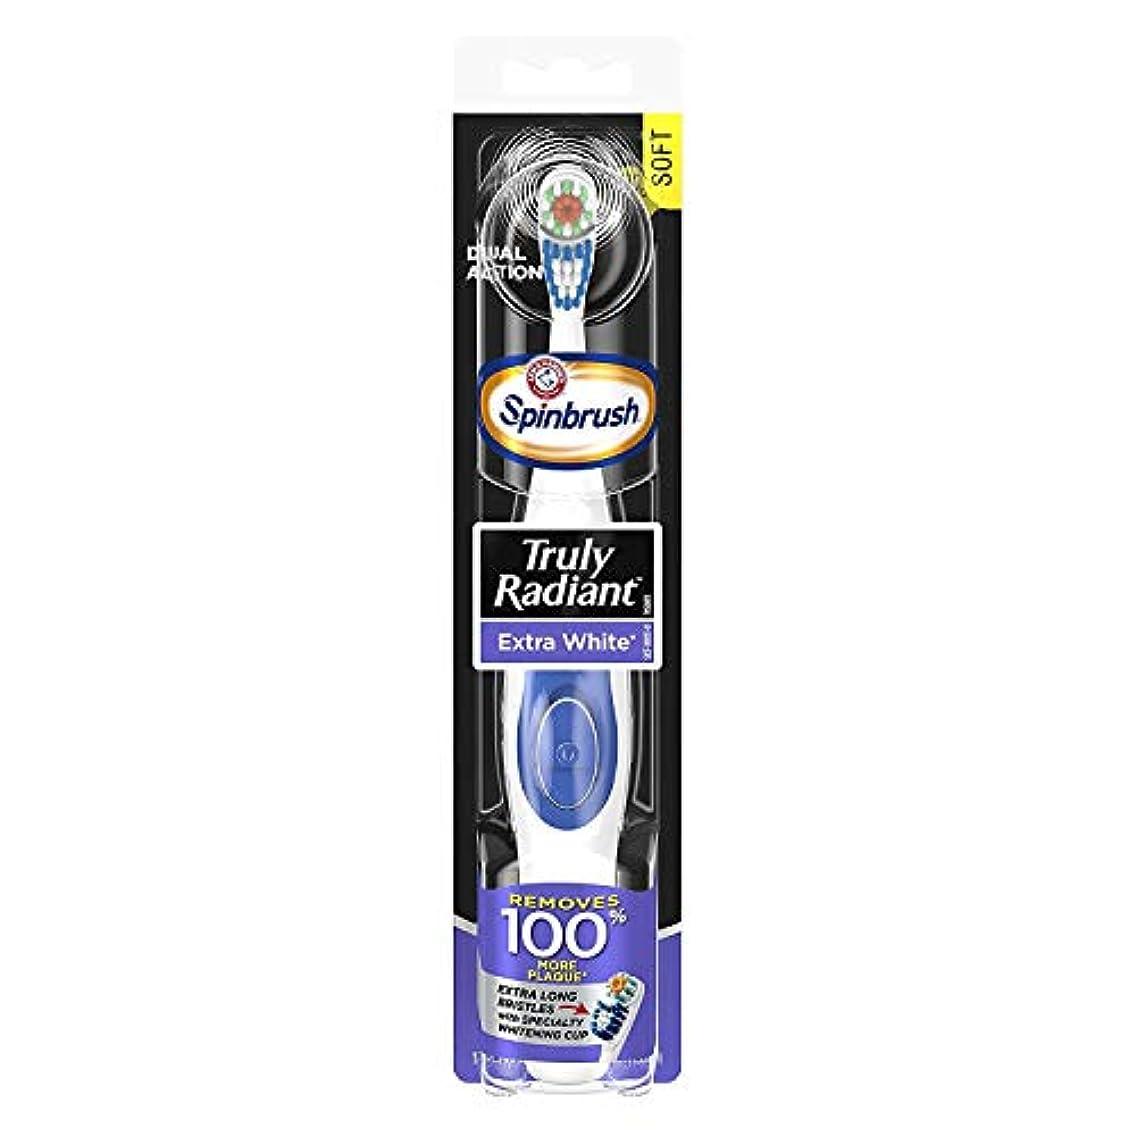 変色するパースブラックボロウ区別するARM & HAMMER Spinbrush Powered Truly Radiant Toothbrush, Extra White, Soft 1 ea by Arm & Hammer